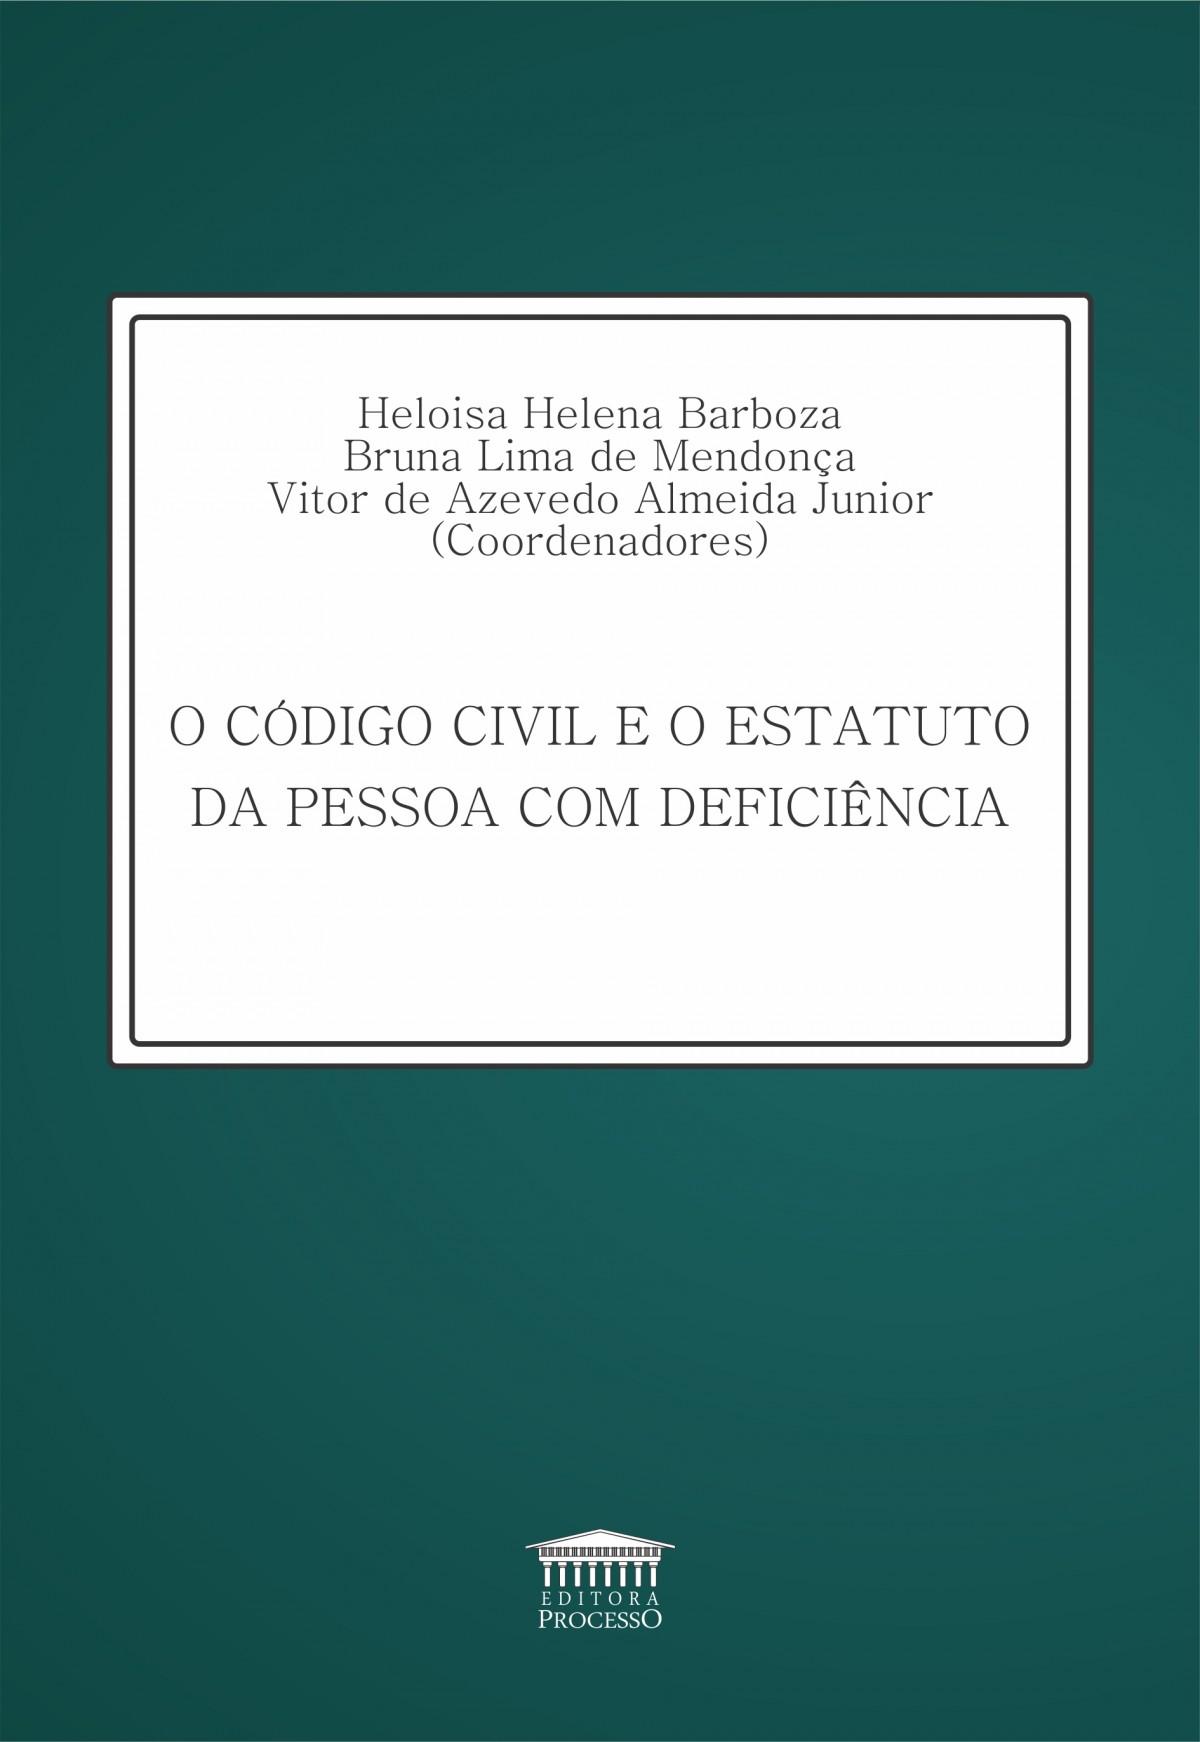 Foto 1 - O Código Civil e o Estatuto da Pessoa com Deficiência